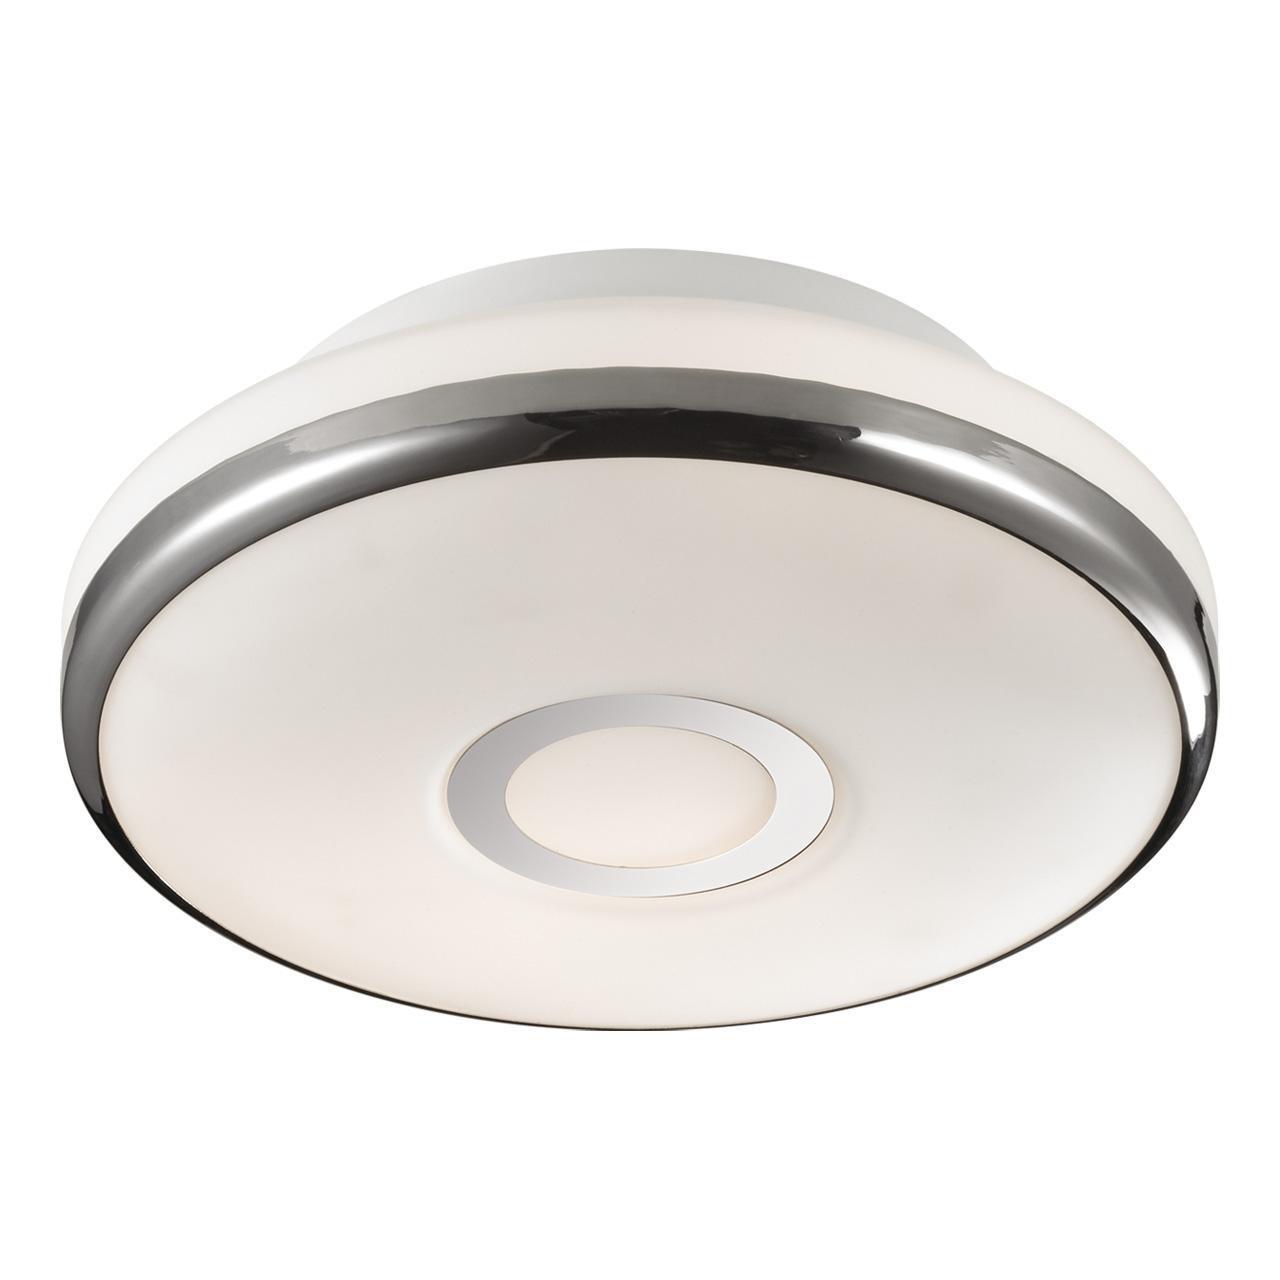 Потолочный светильник Odeon Light 2401/1C, белый потолочный светильник odeon 2401 3c